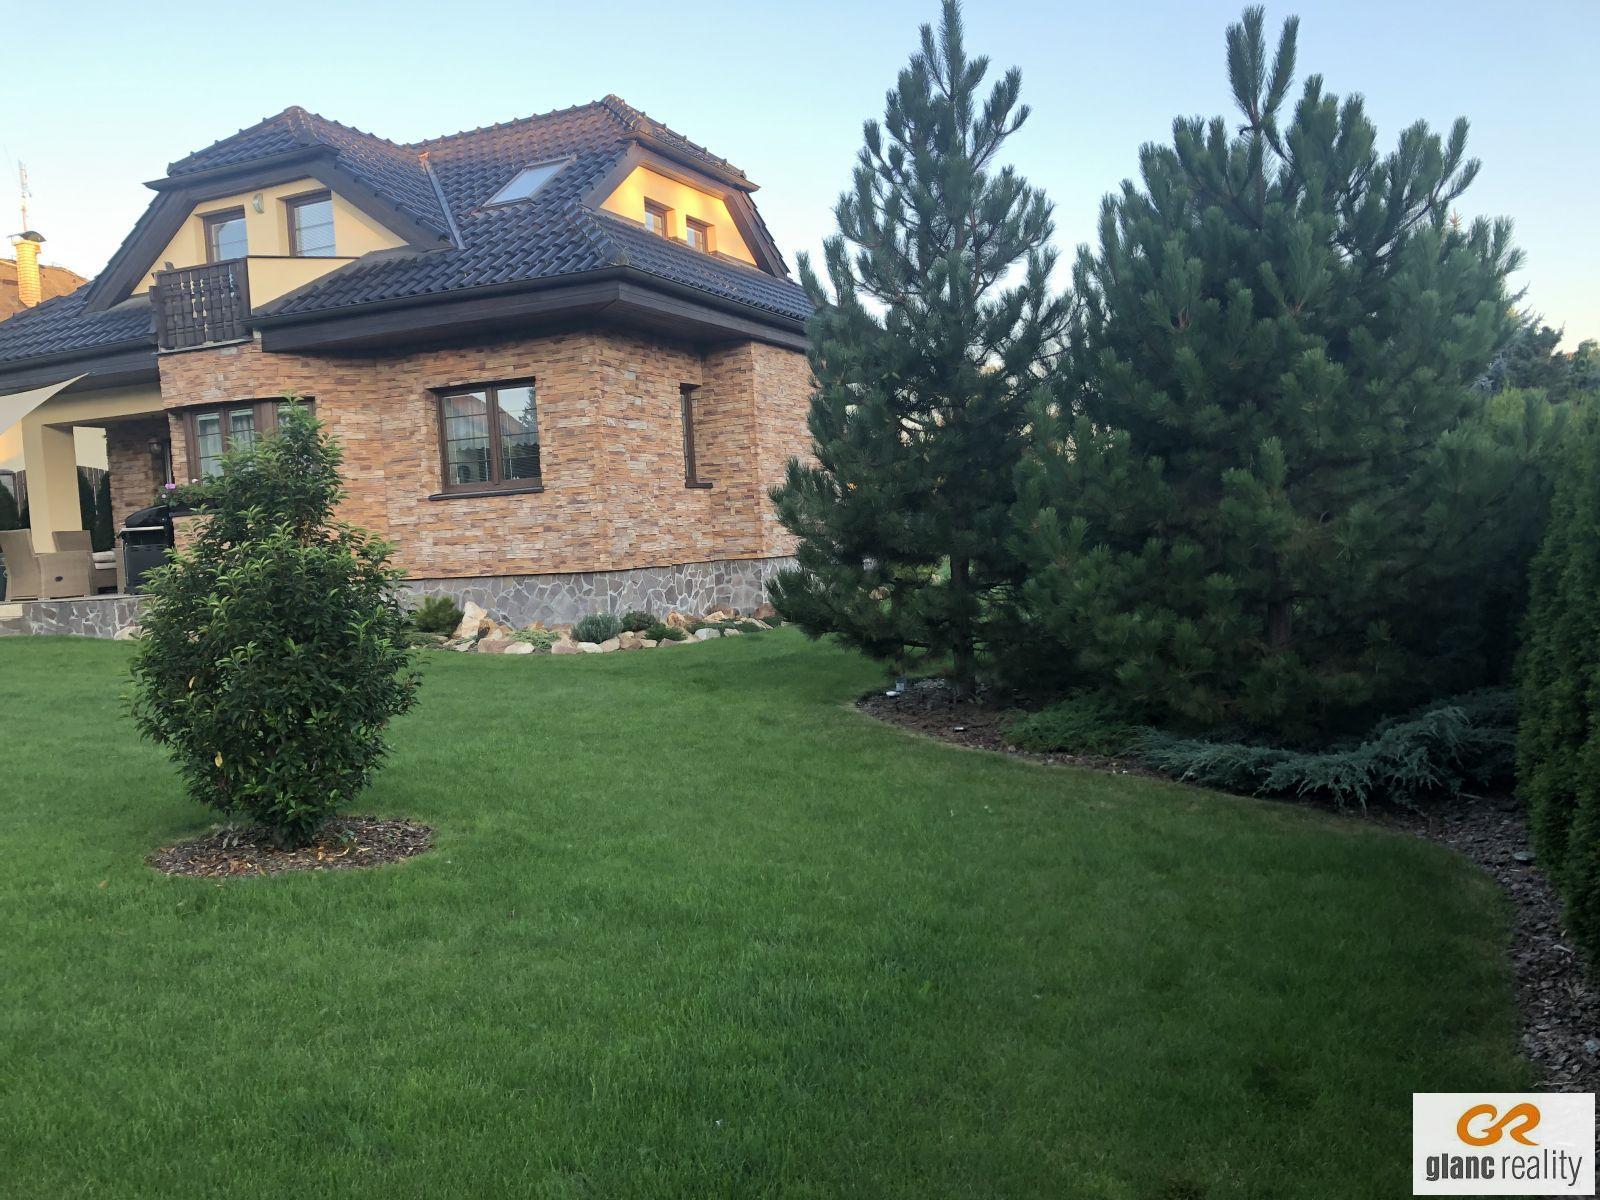 Prodej rodinného domu 165 m, pozemek 838 m, Klínec, Praha -západ